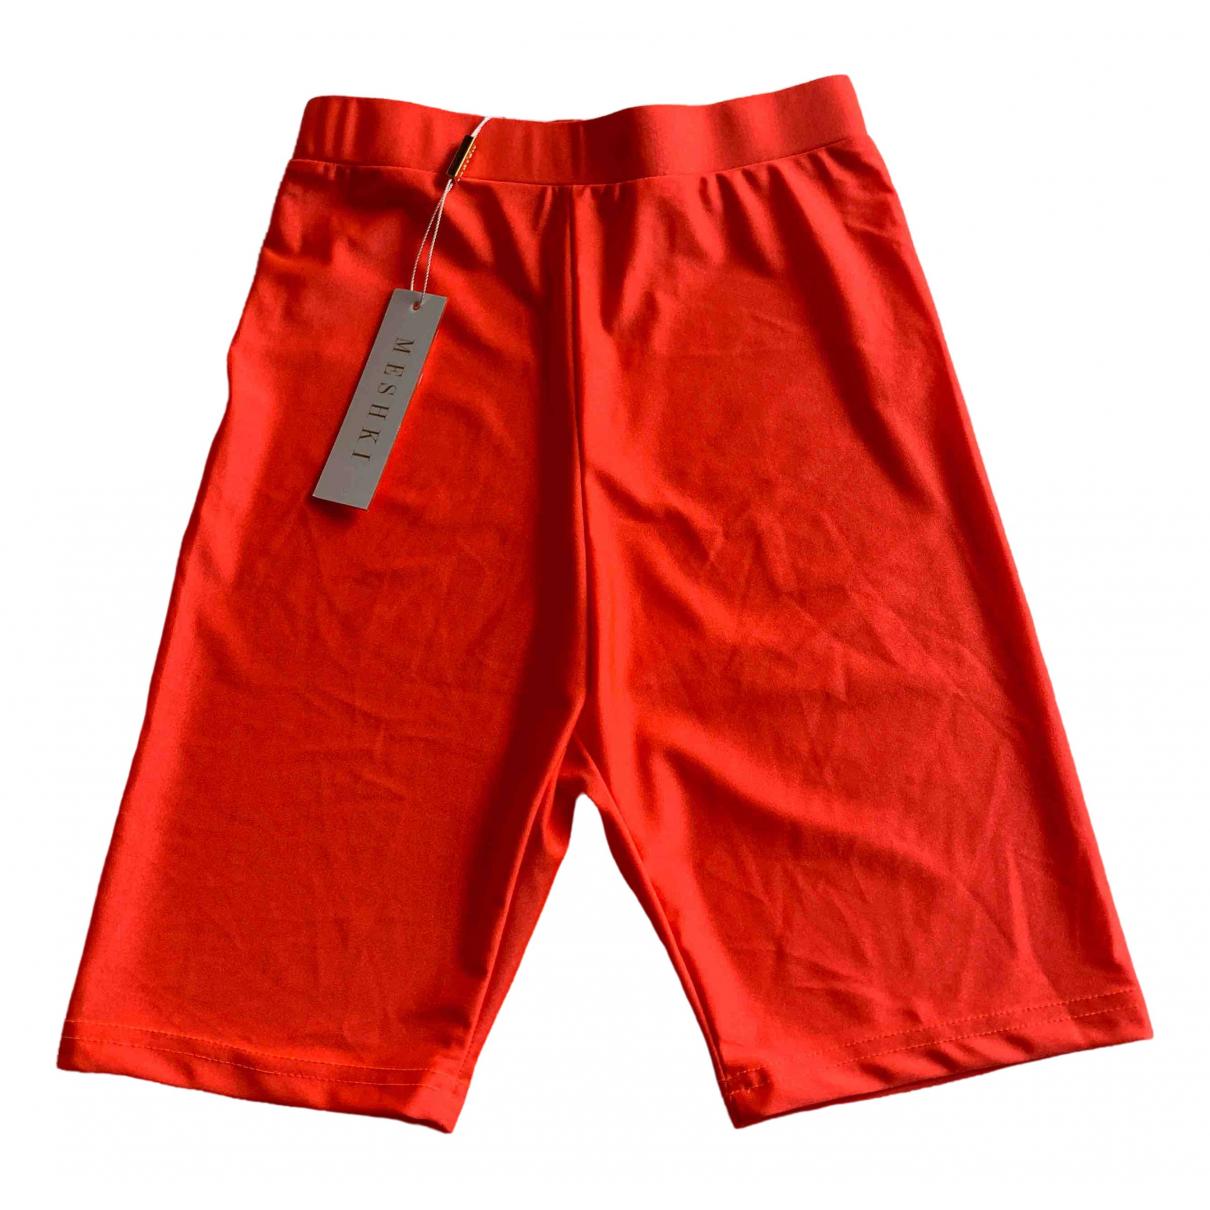 Meshki \N Shorts in Synthetik